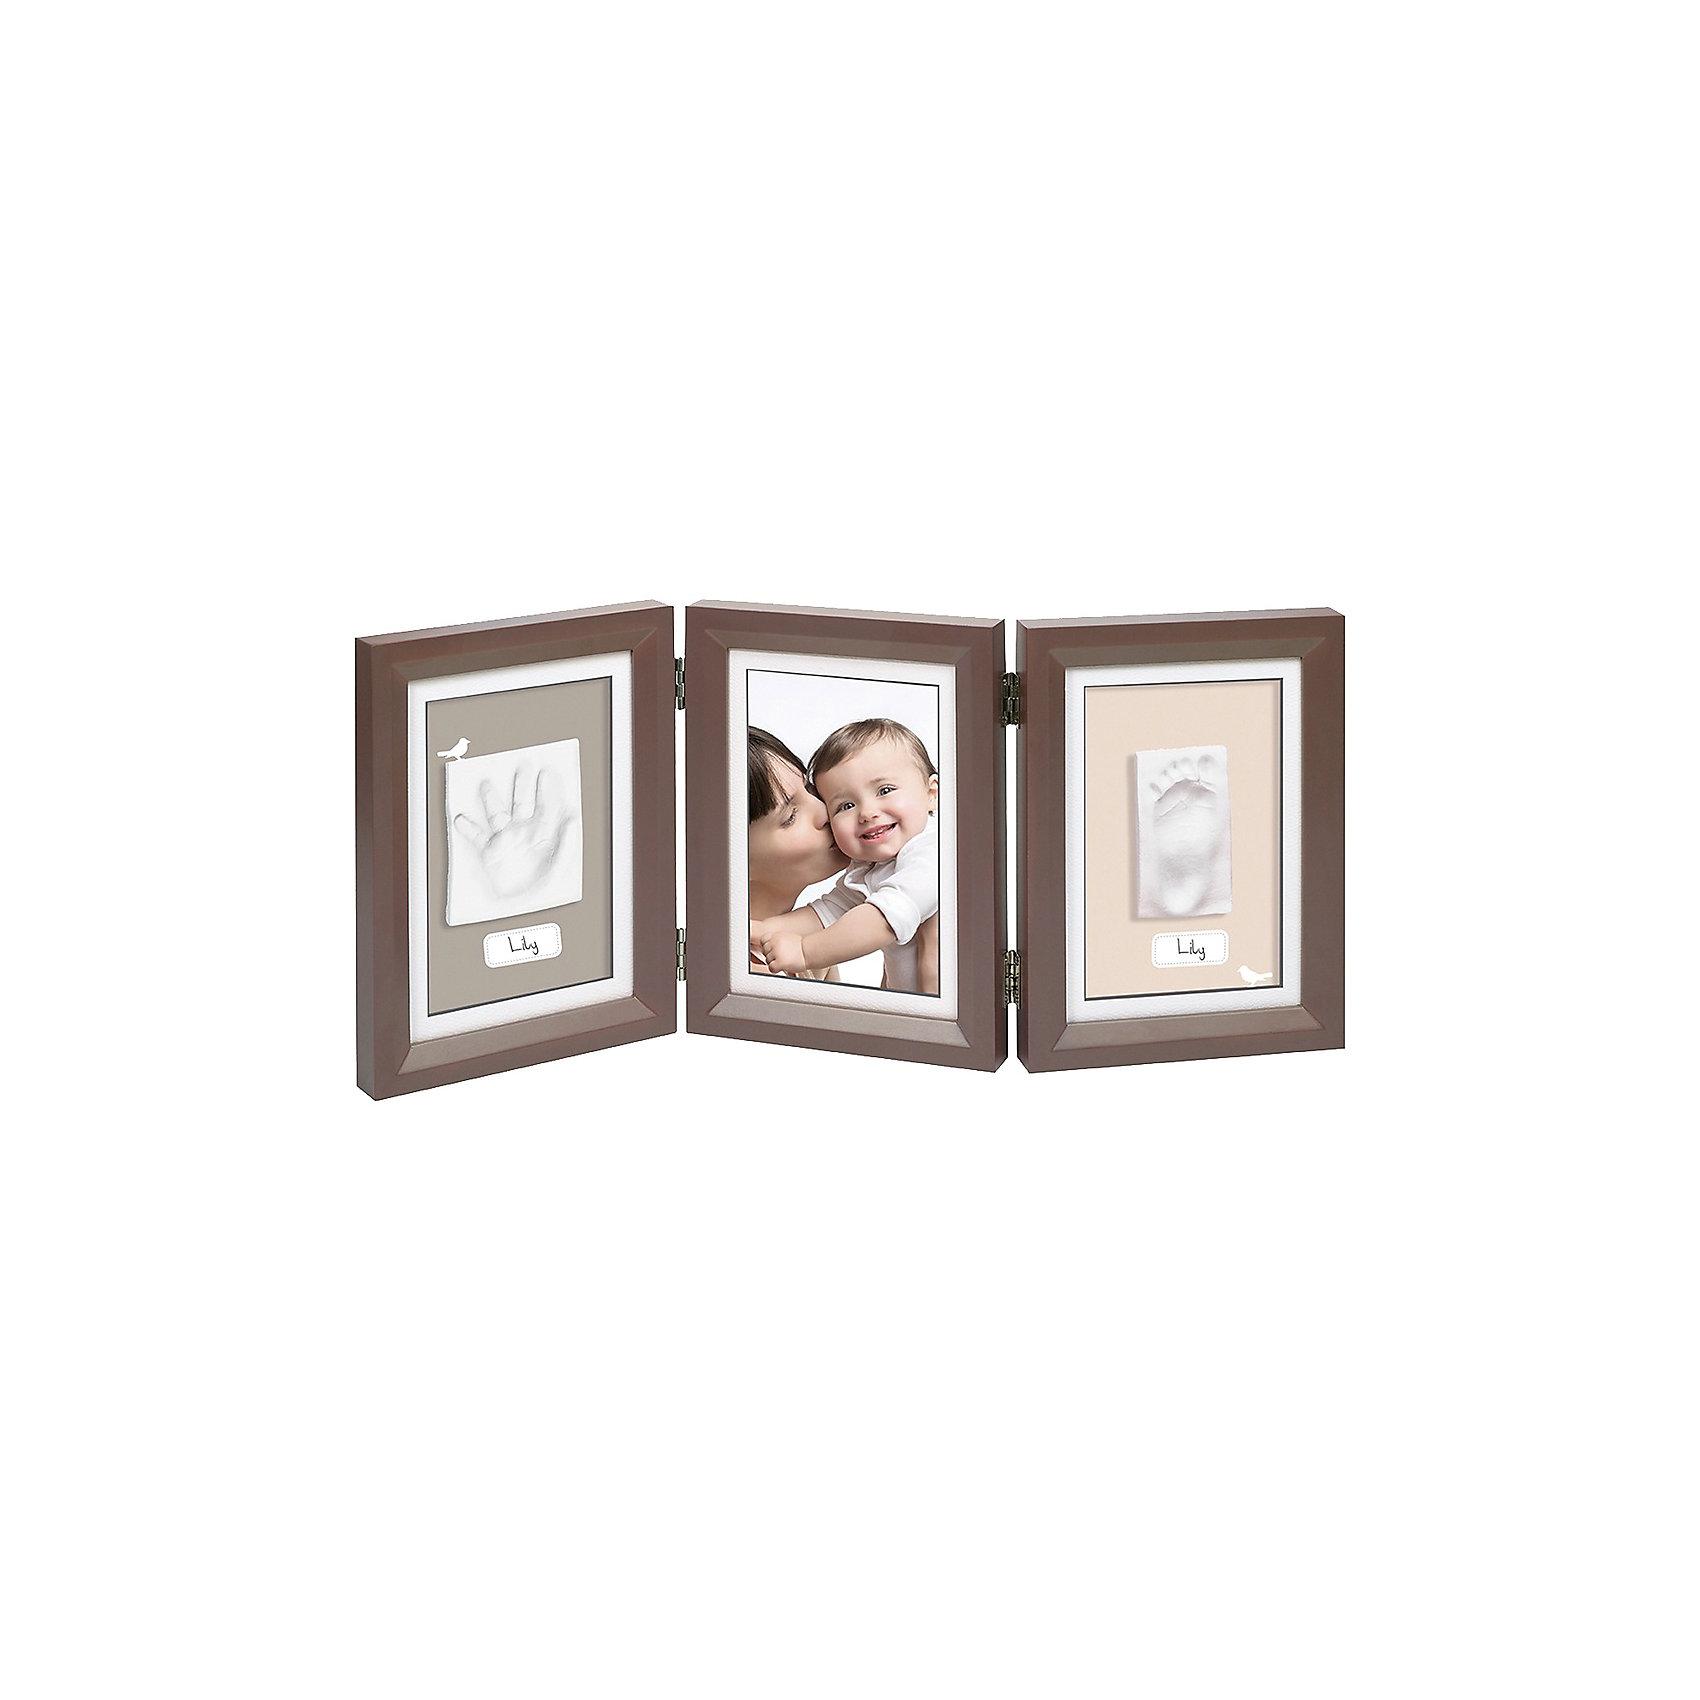 Фоторамка тройная, Baby Art, шоколадПредметы интерьера<br>Сохранить объемные отпечатки ручек и ножек вашего малыша поможет набор Baby Art (Бейби Арт) «Double Print Frame». Тройная фоторамка с окошками для фотографии, отпечатками ручки и ножки крохи позволяет вспомнить трогательные моменты жизни малыша, когда он был еще совсем маленьким. <br>Процесс создания слепка:<br>• материал надо размять руками и раскатать деревянной скалкой;<br>• оставить отпечаток ручки и ножки малыша;<br>• обрезать лишние края основы;<br>• дать гипсу высохнуть – 24 часа;<br>• приклеить слепки на рамку;<br>• вставить в рамку фотографию малыша.<br><br>Дополнительная информация:<br><br>Размер фотографии: 13х18 см<br>Размер одной створки: 21x16,5x1,7 см<br>Комплектация набора:<br>• тройная фоторамка – для фотографии и отпечатков ручки и ножки;<br>• гипсовый слепок;<br>• деревянная скалка;<br>• 2 кусочка двустороннего скотча;<br>• инструкция. <br>Фоторамку тройную, Baby Art, белую можно купить в нашем интернет-магазине.<br><br>Ширина мм: 220<br>Глубина мм: 95<br>Высота мм: 170<br>Вес г: 1180<br>Возраст от месяцев: 0<br>Возраст до месяцев: 84<br>Пол: Унисекс<br>Возраст: Детский<br>SKU: 4986113